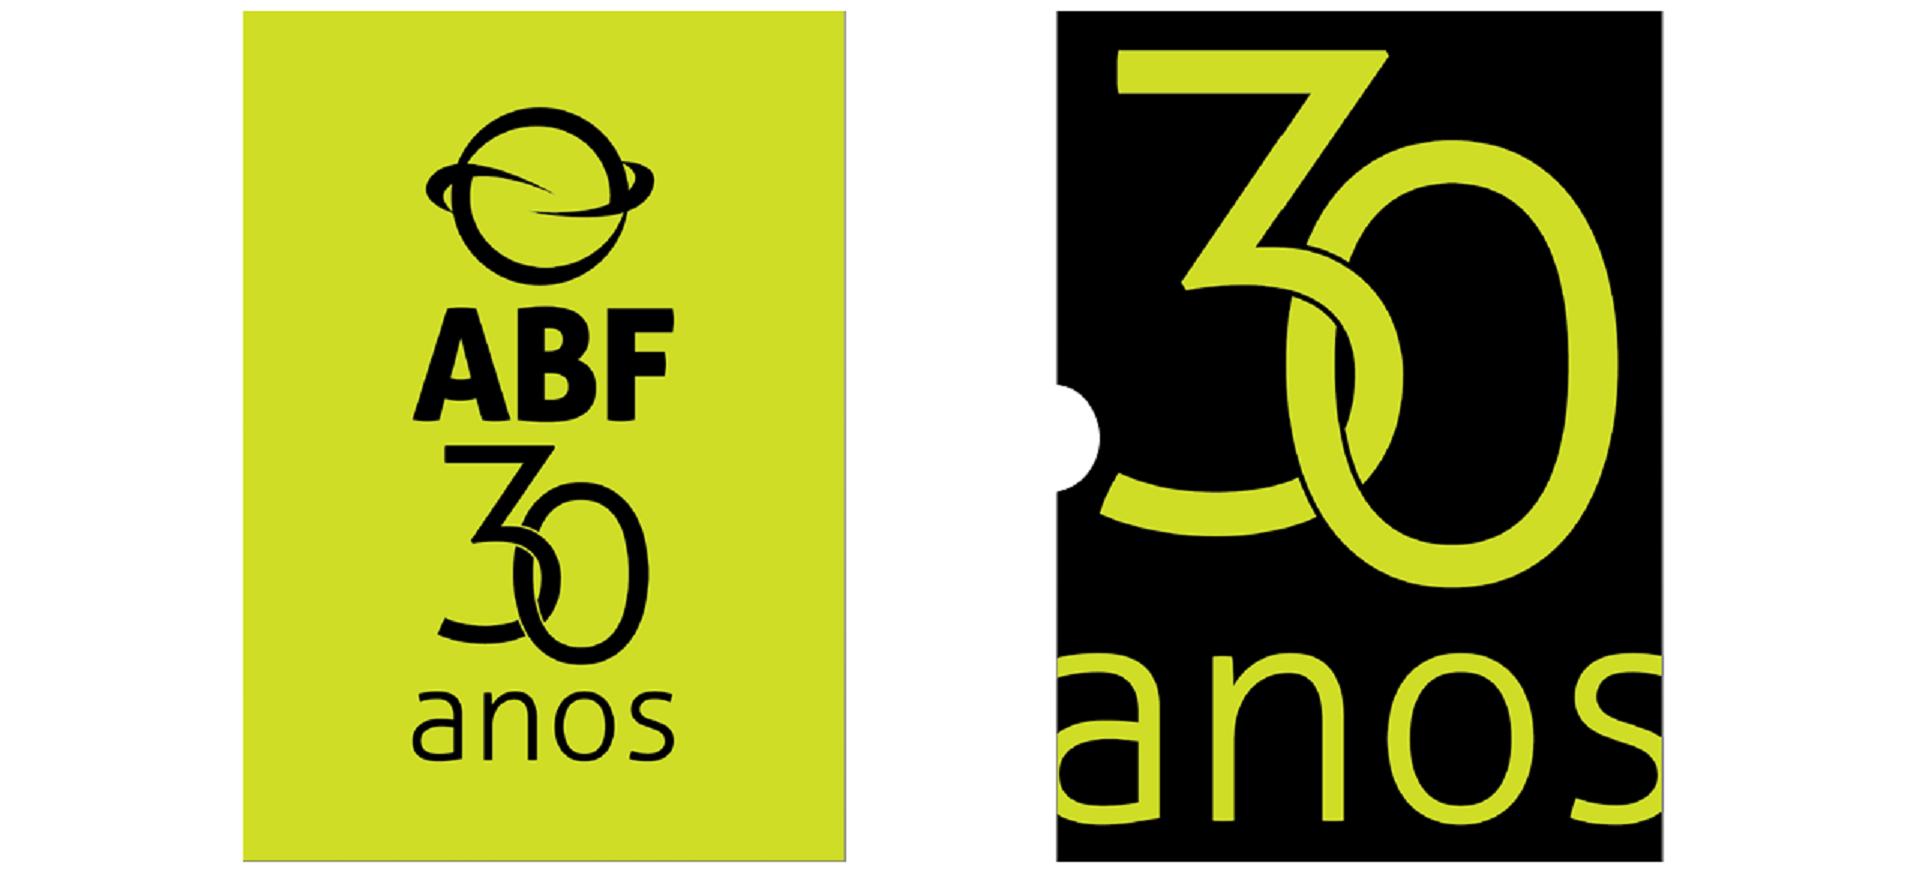 ABF 30 Anos